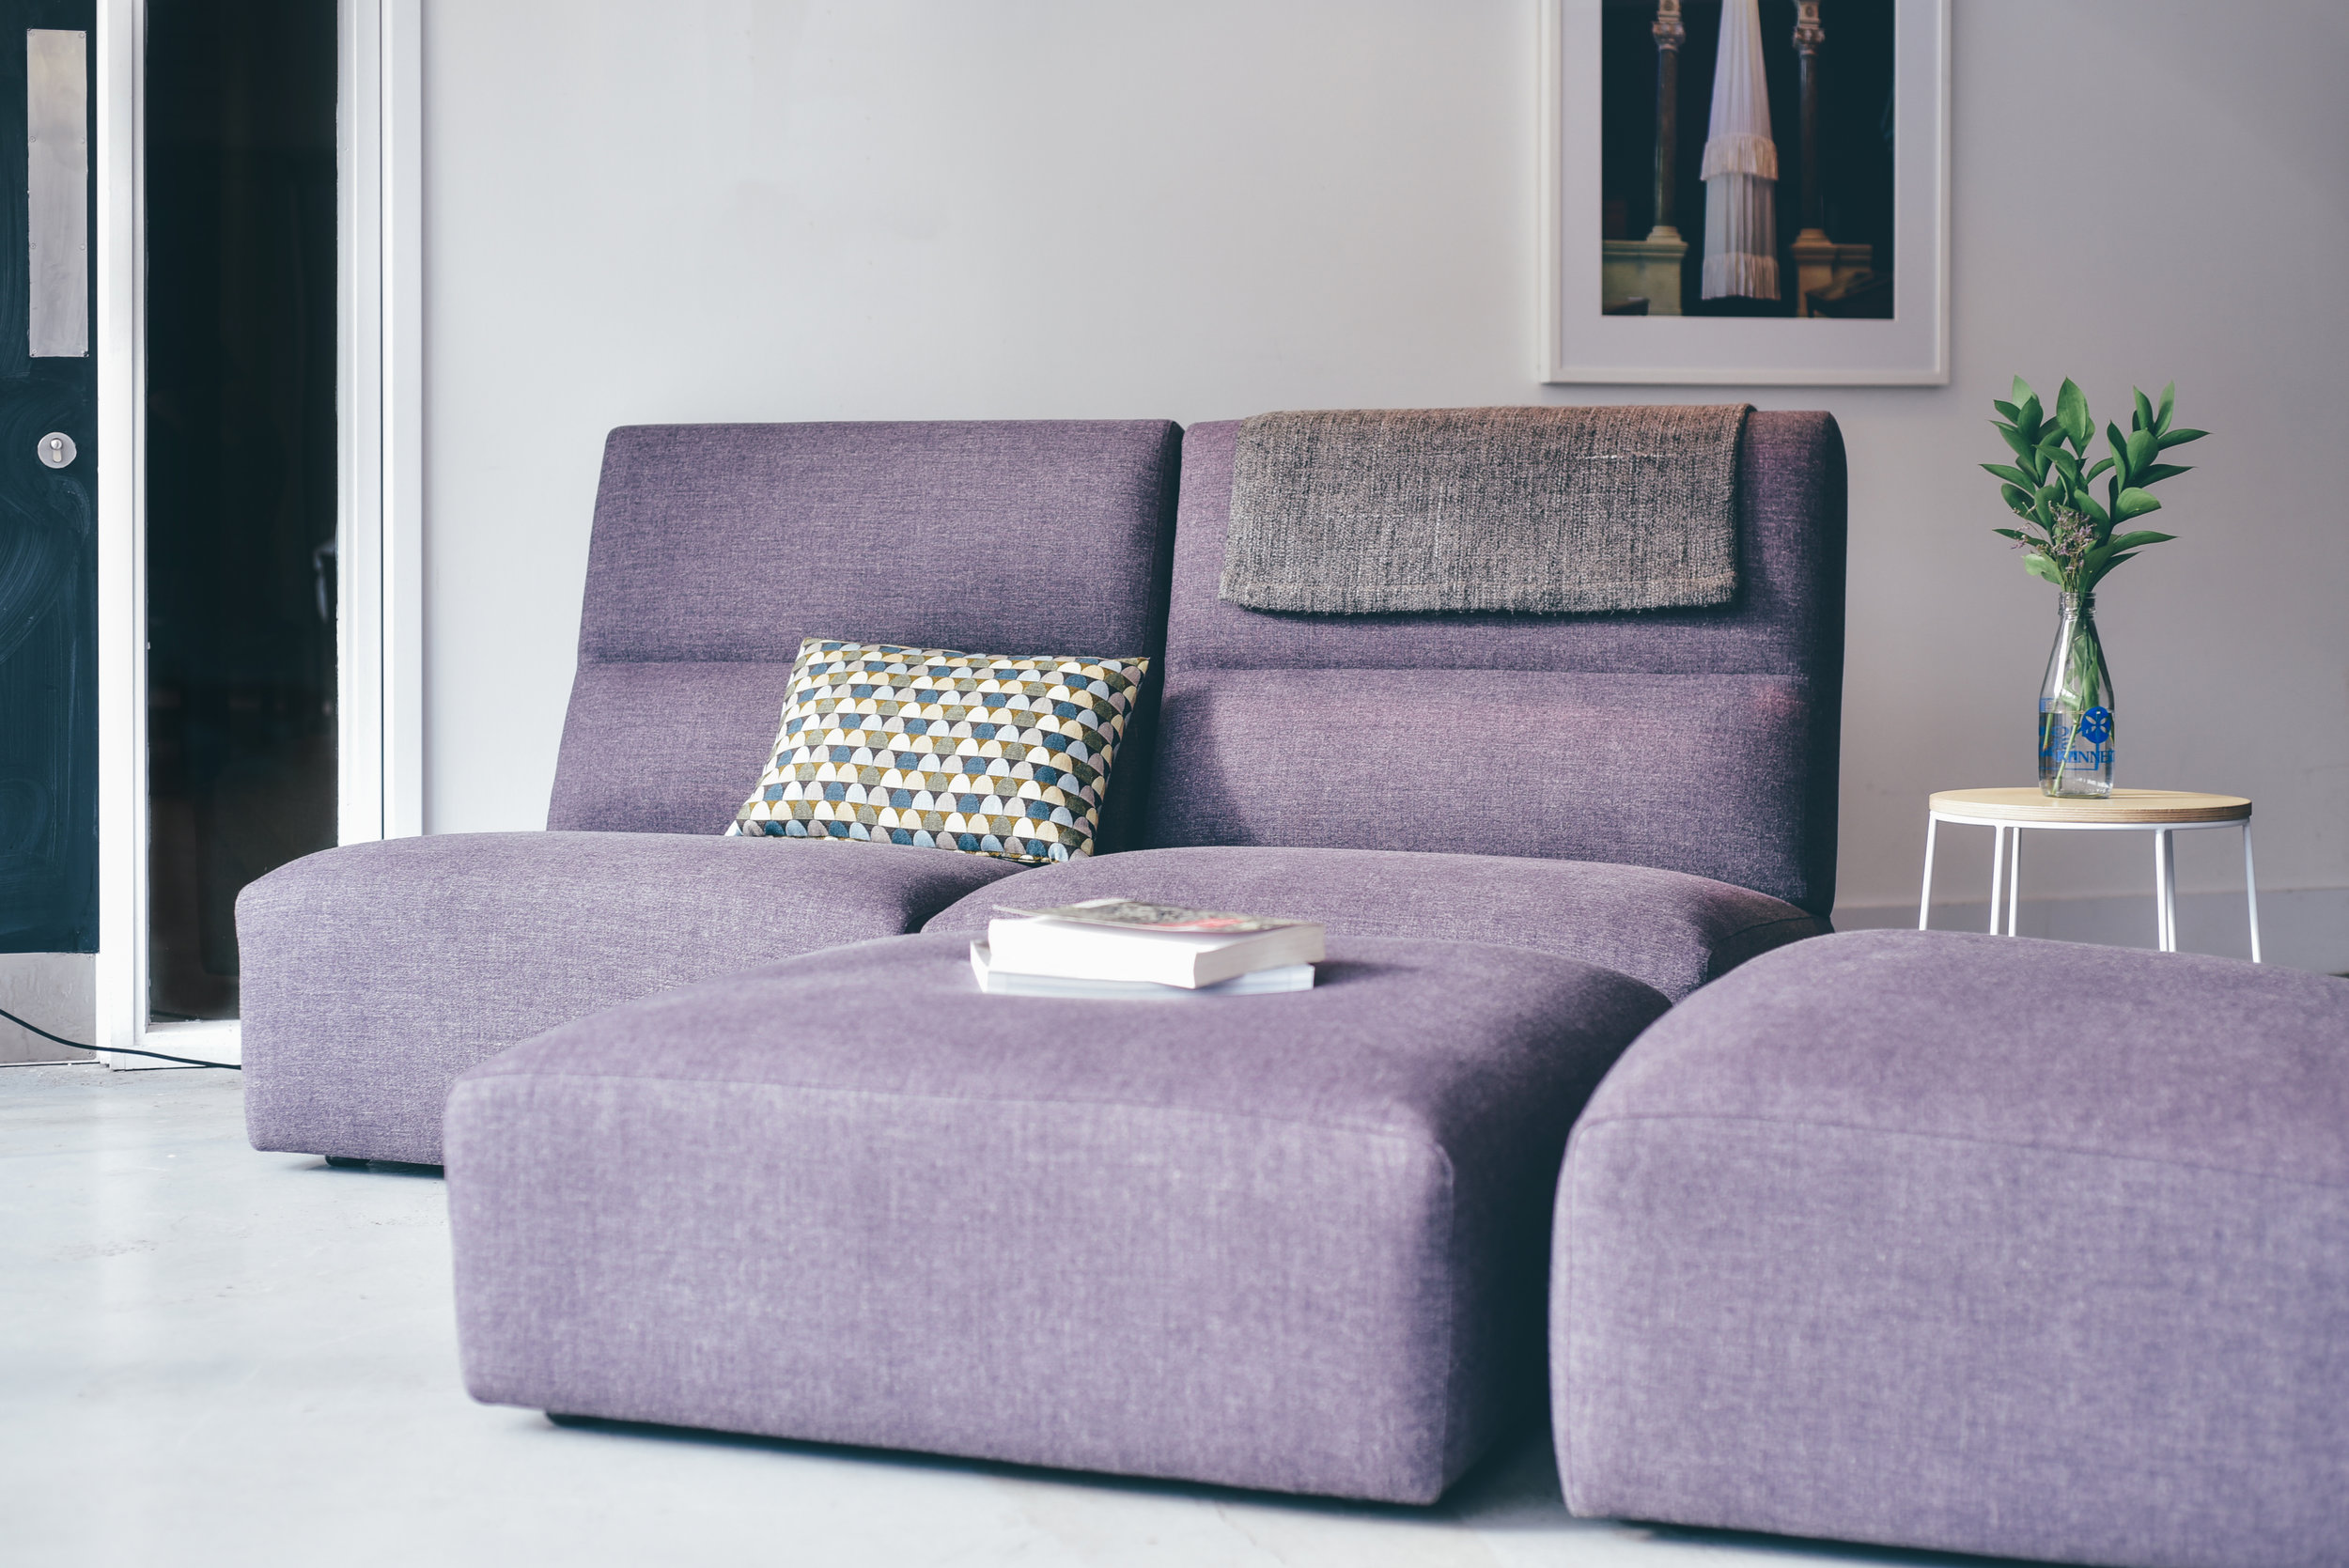 Be_Seated_Furniture19.jpg